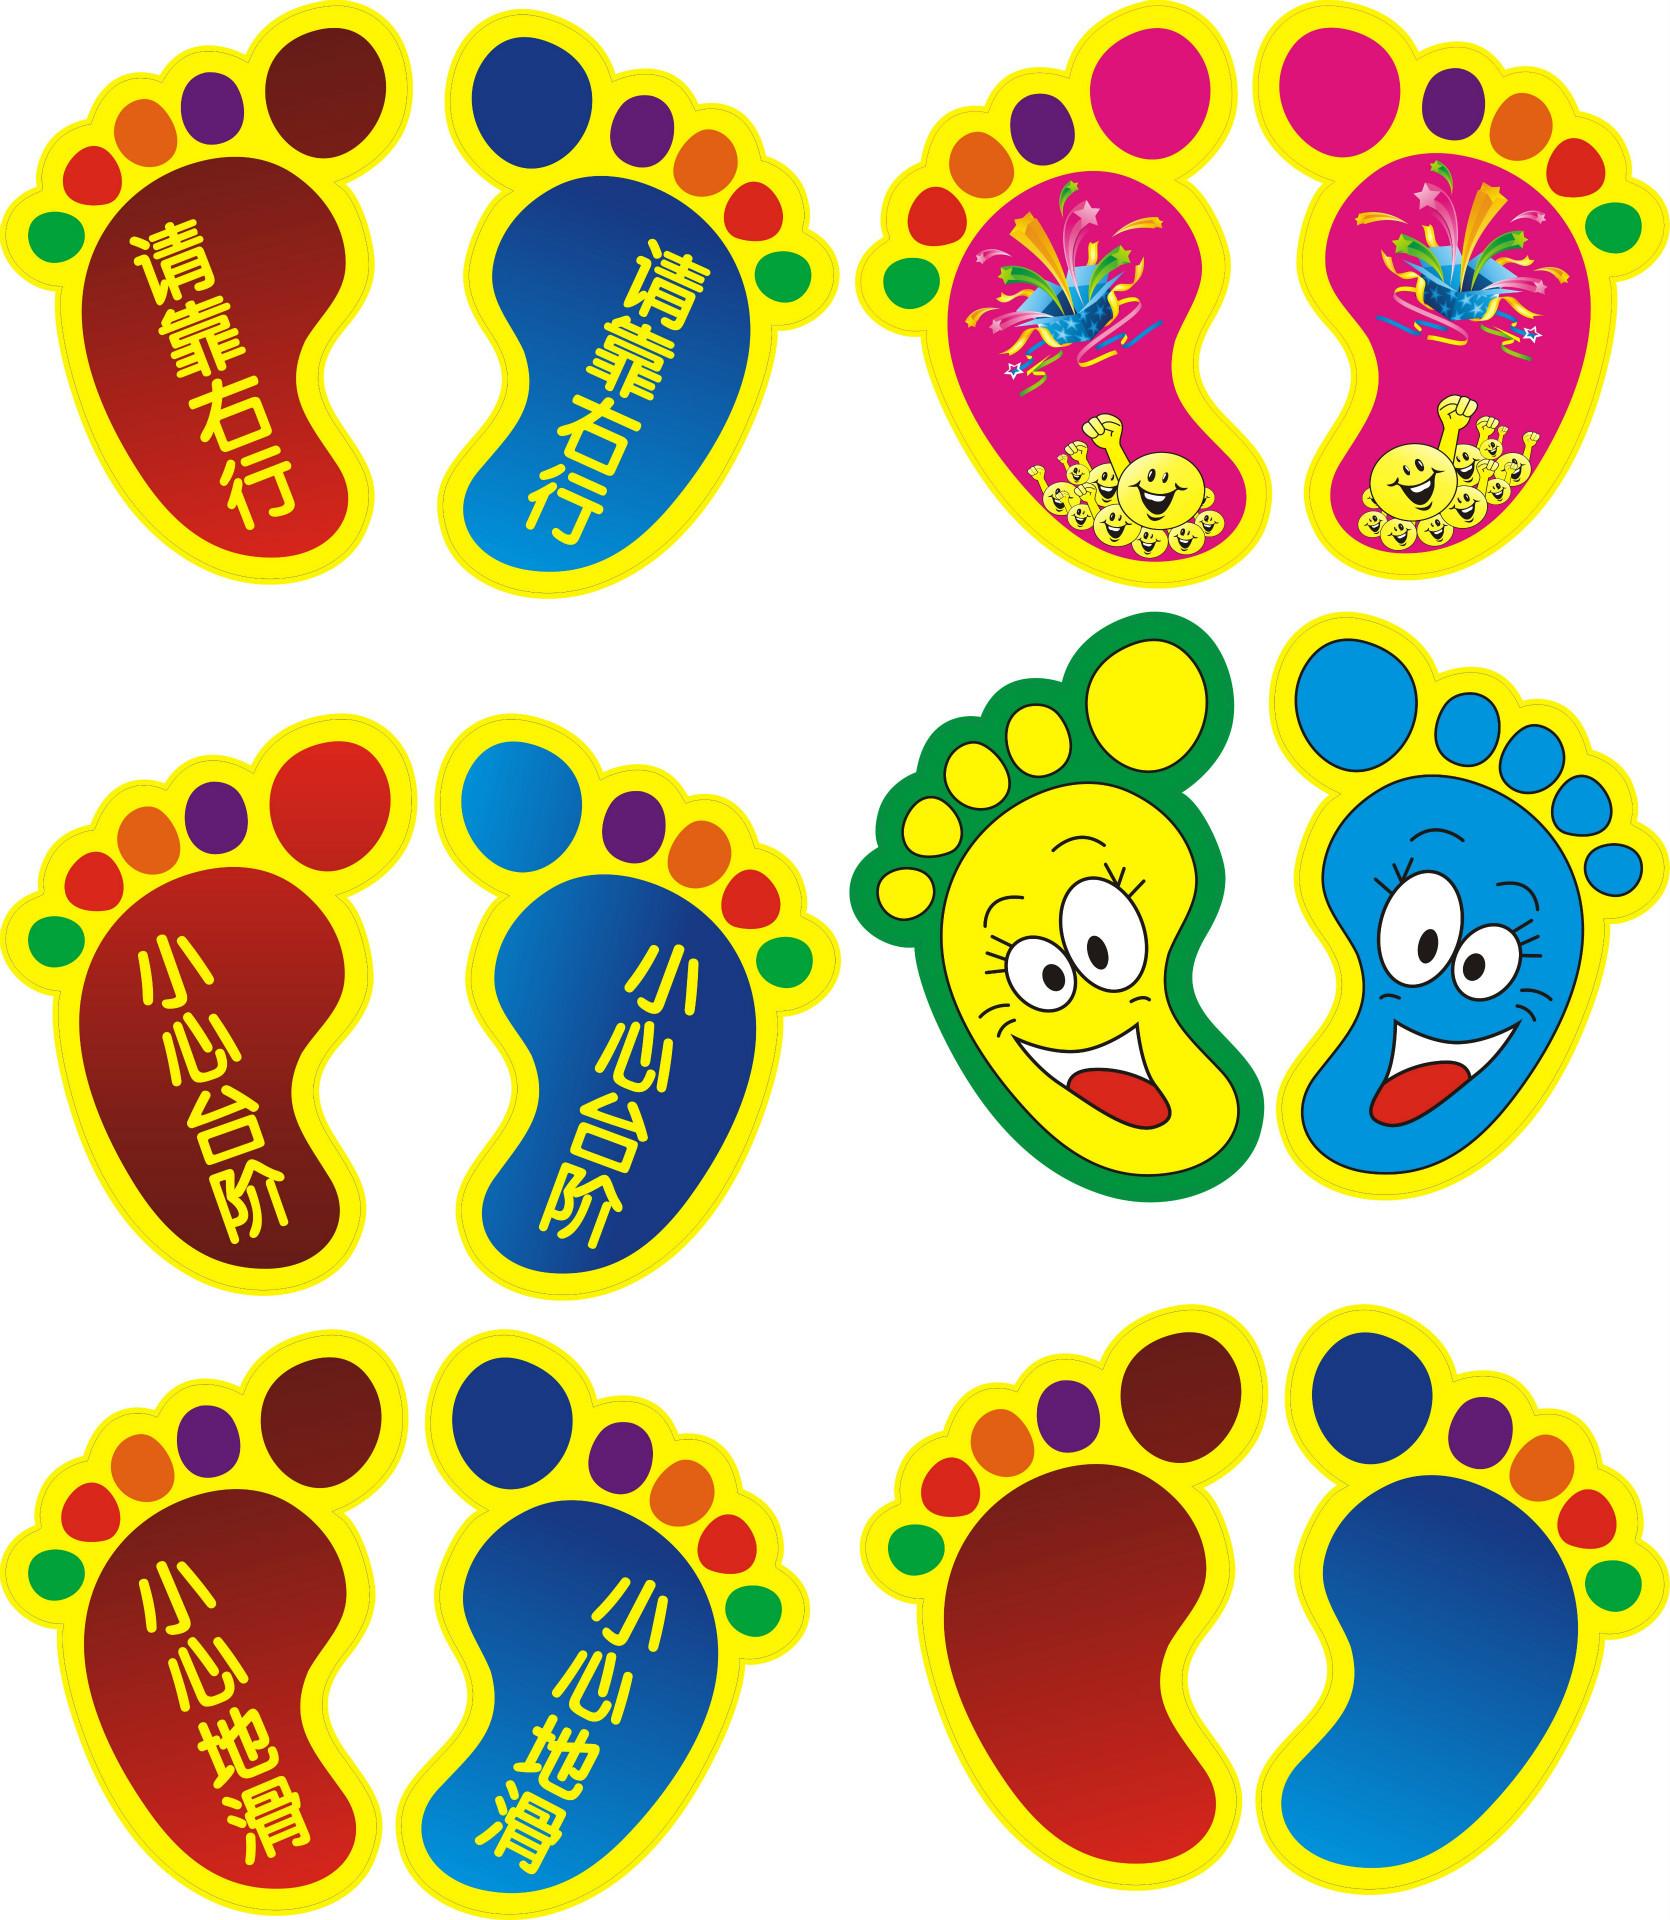 请靠右行 小心地滑 台阶 卡通笑脸脚丫地贴 幼儿园商场指示牌 光脚丫图片